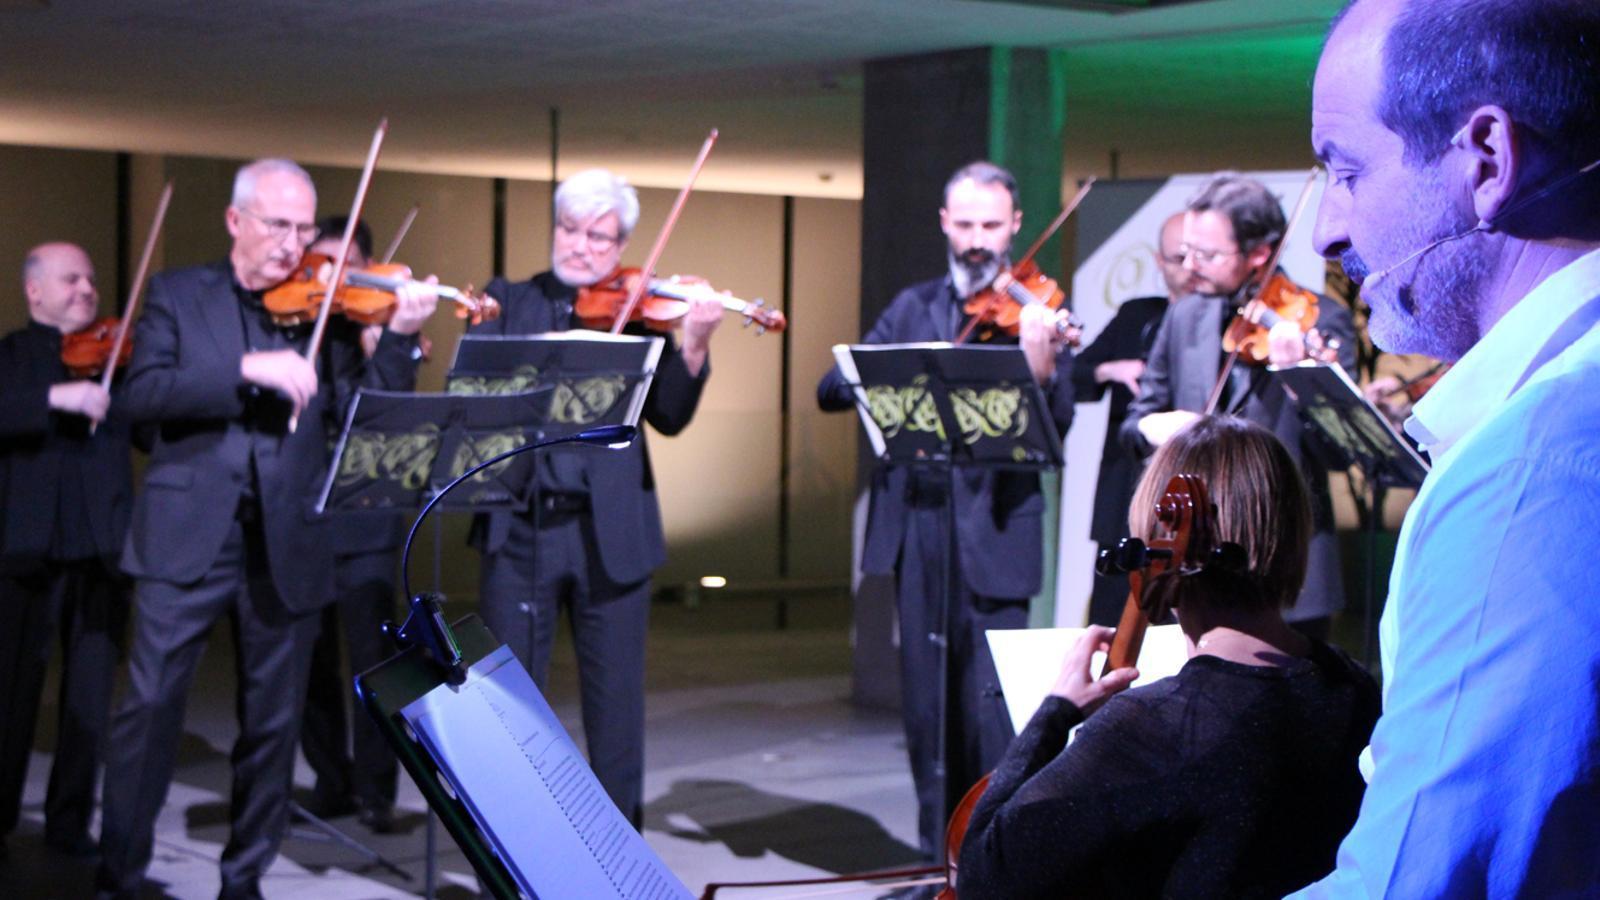 L'ONCA i l'actor Josep Julien interpreten 'Mendelssohn, viatger sense fronteres' al vestíbul del Consell General. / T. N. (ANA)